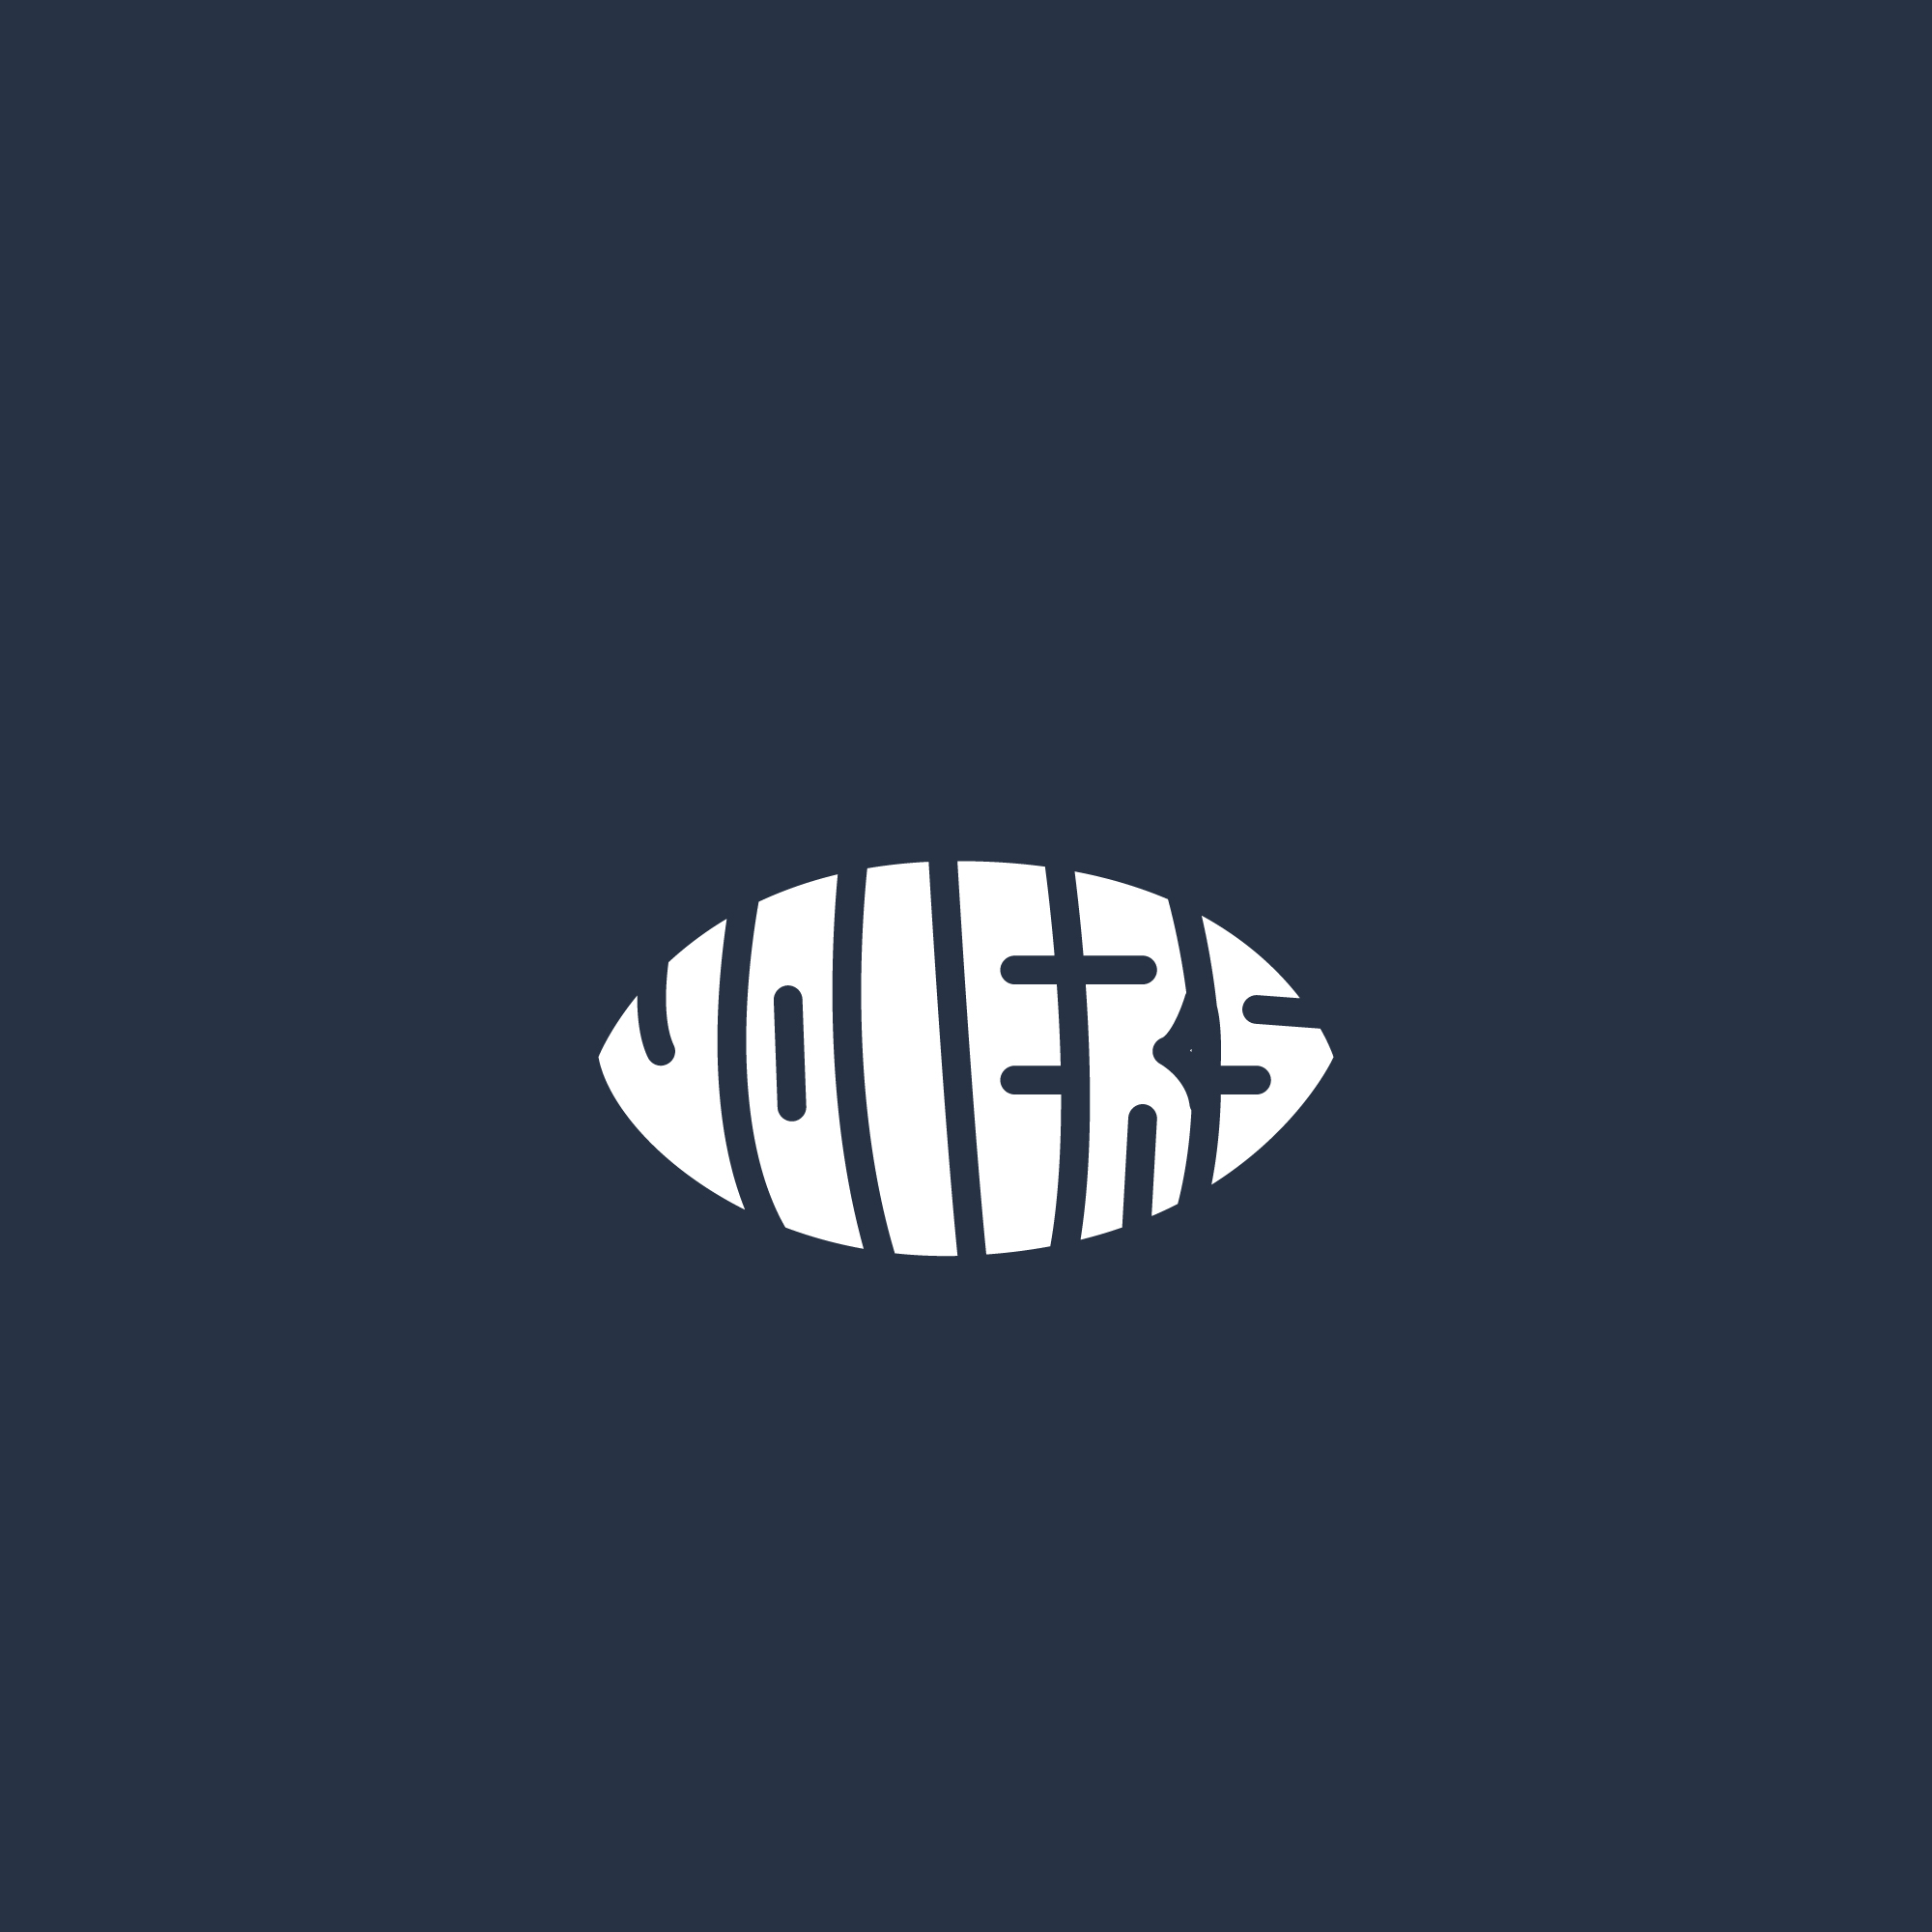 Обновить текущий логотип  фото f_5485d4835f78d905.jpg